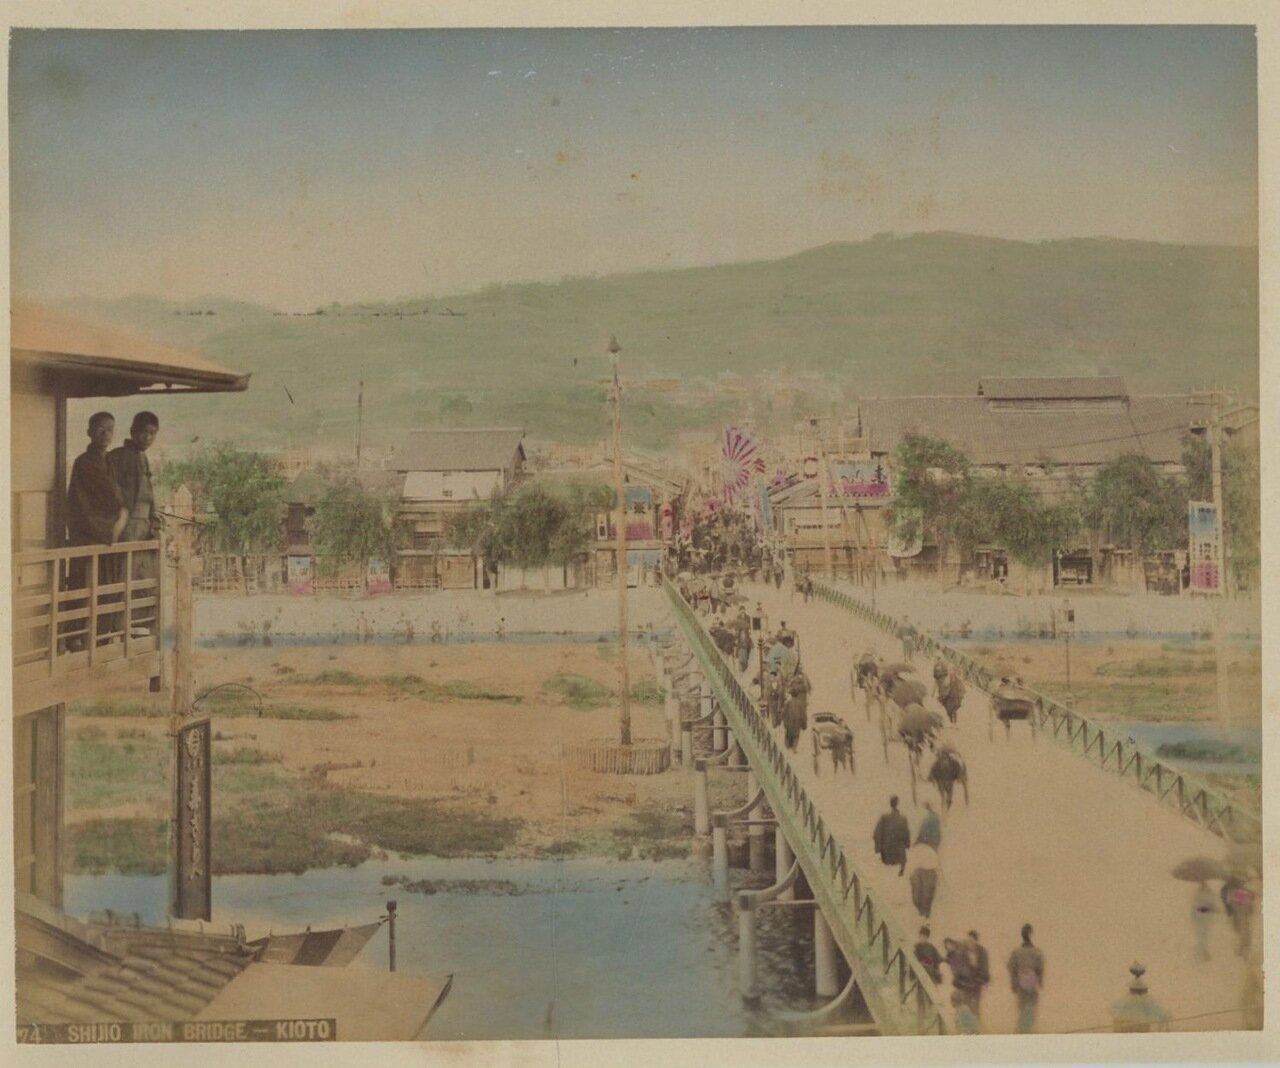 Киото. Железный мост